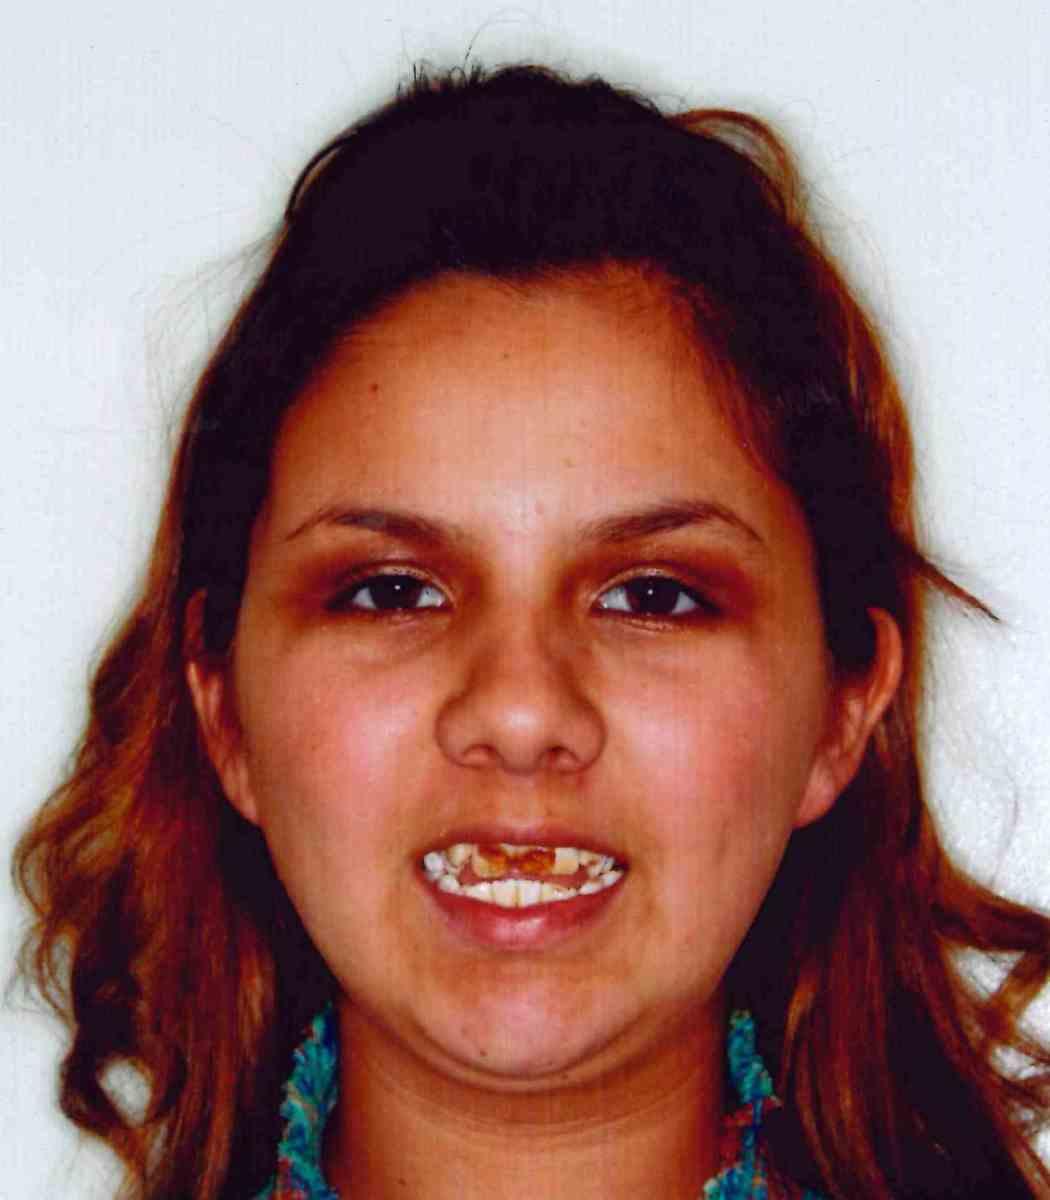 National Children's Dental Health Month: Fresh Start Gives Carmen a Smile